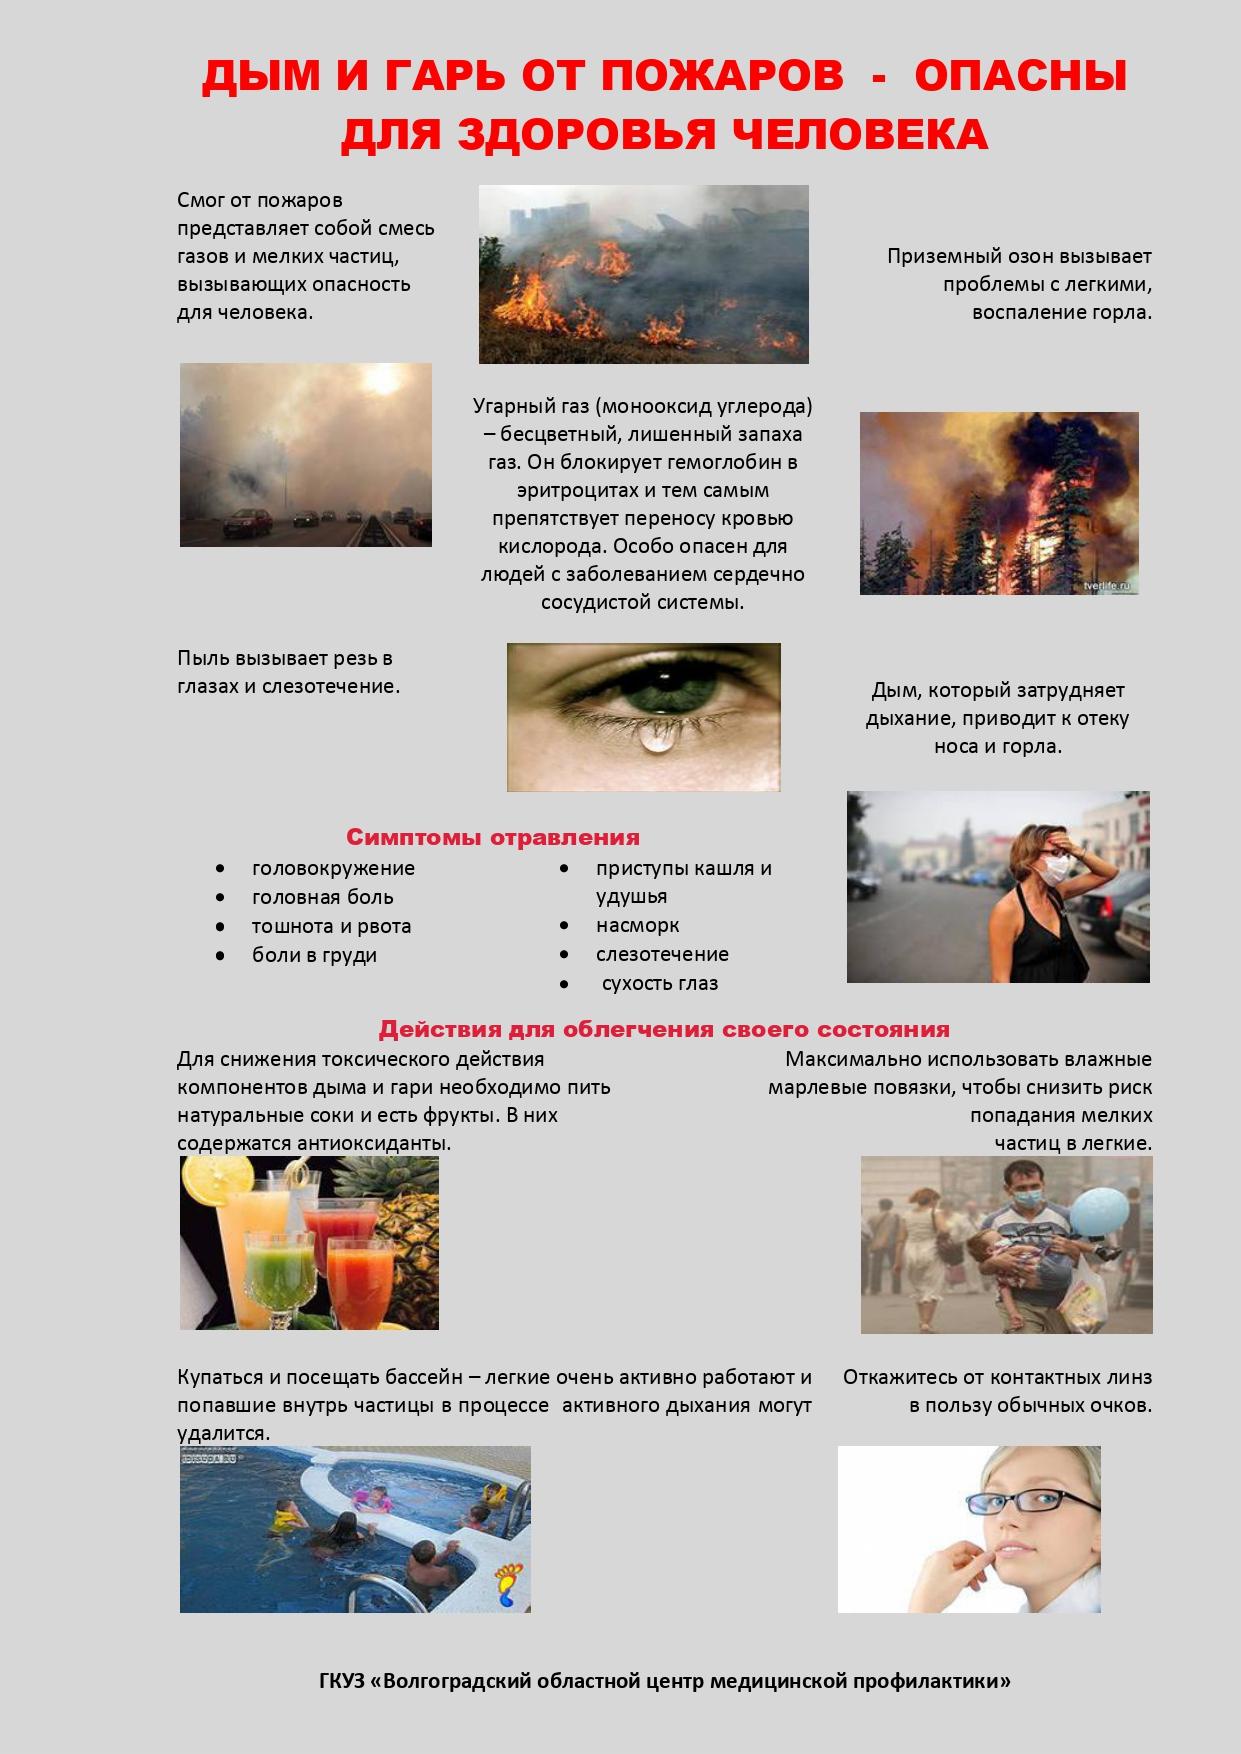 Дым-и-гарь-от-пожаров-опасны-для-здоровья-человека1-1_page-0001